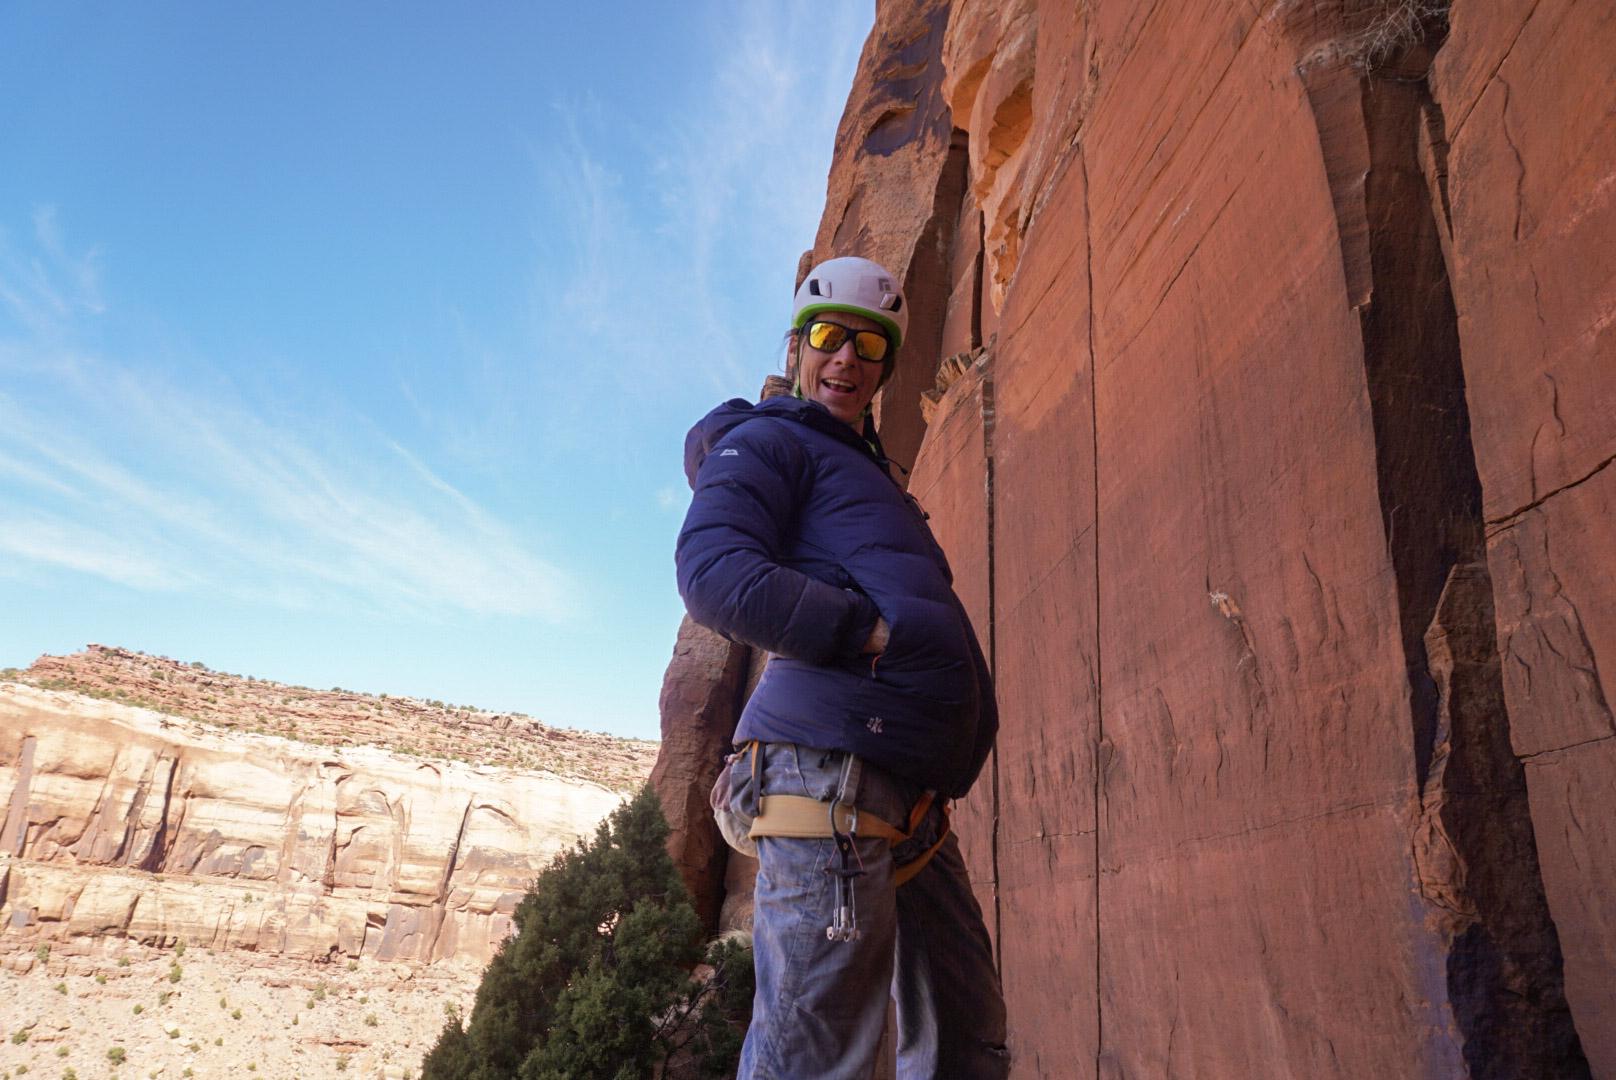 Kletterausrüstung Essen : Kletterausrüstung mainz campus wenn klettern mehr als nur